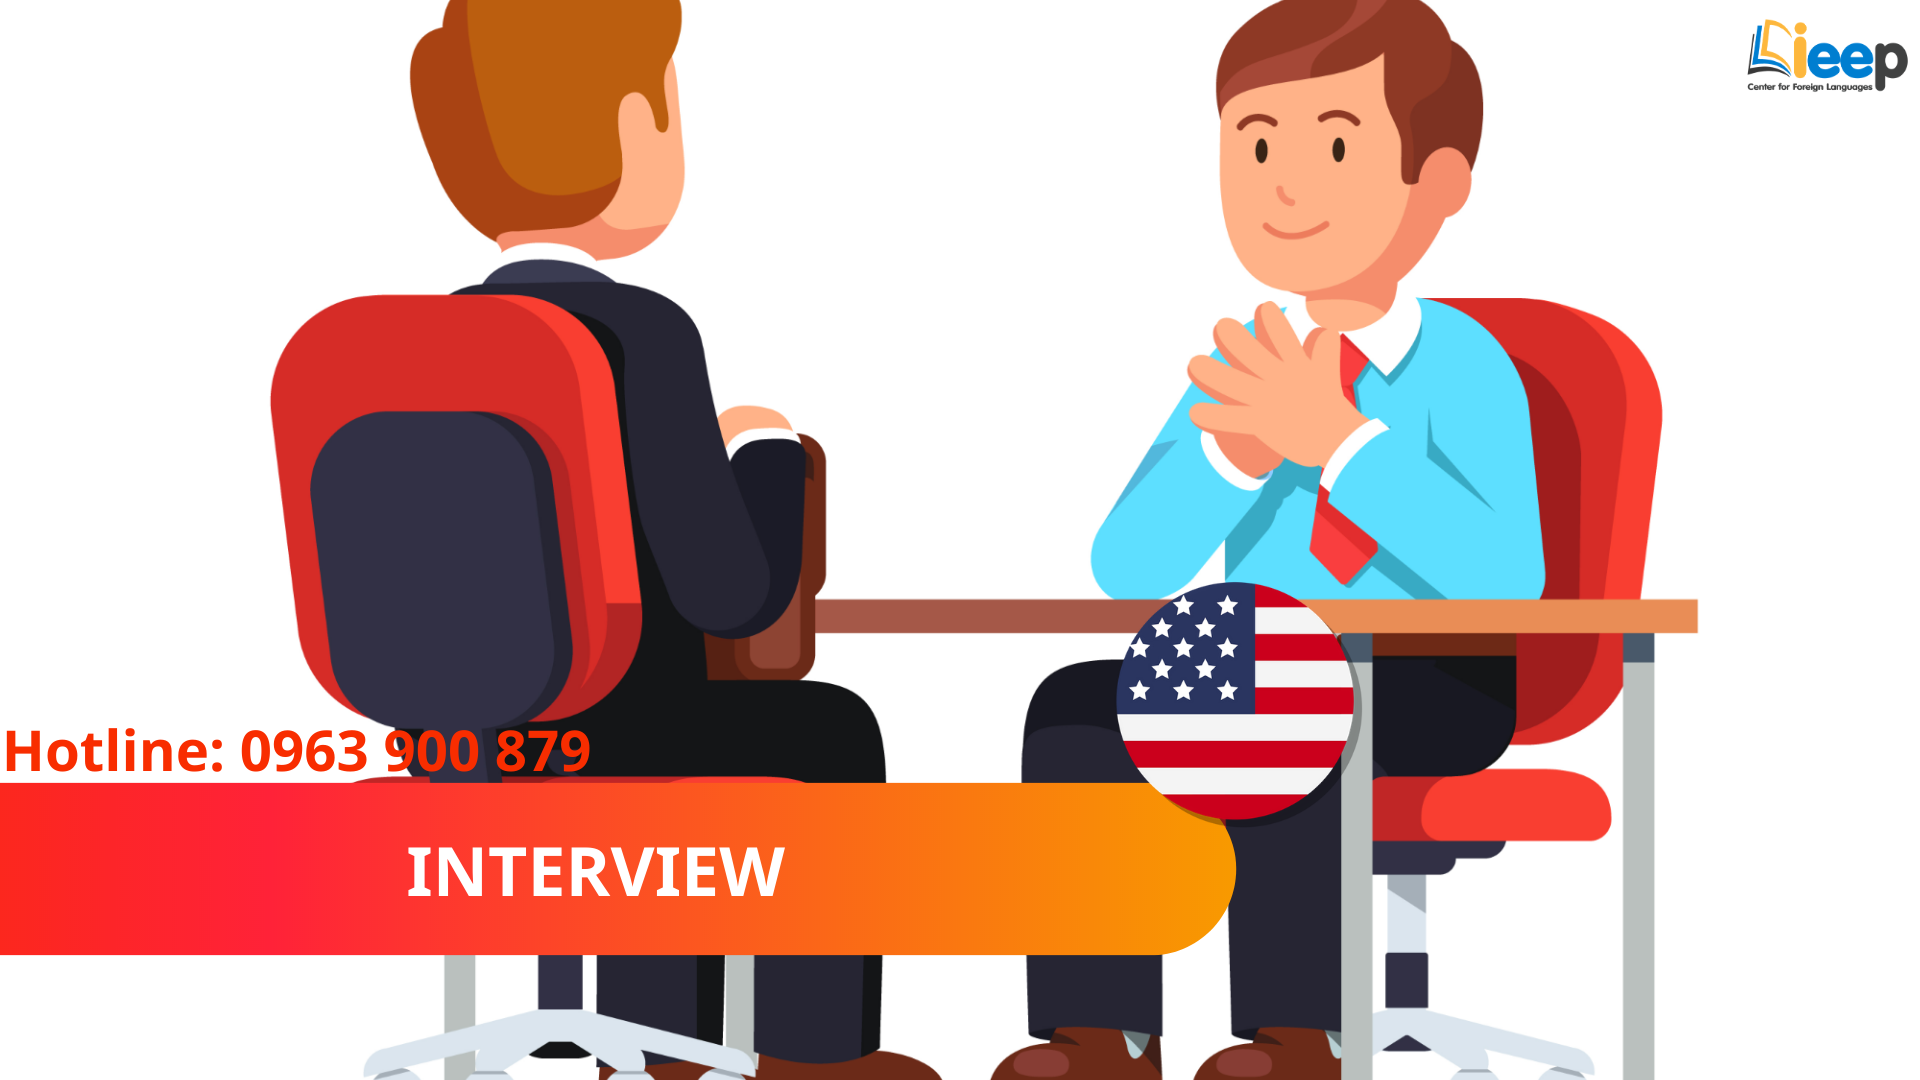 Bộ câu hỏi phỏng vấn với đối tác/chủ trang trại dành cho sinh viên tham gia chương trình